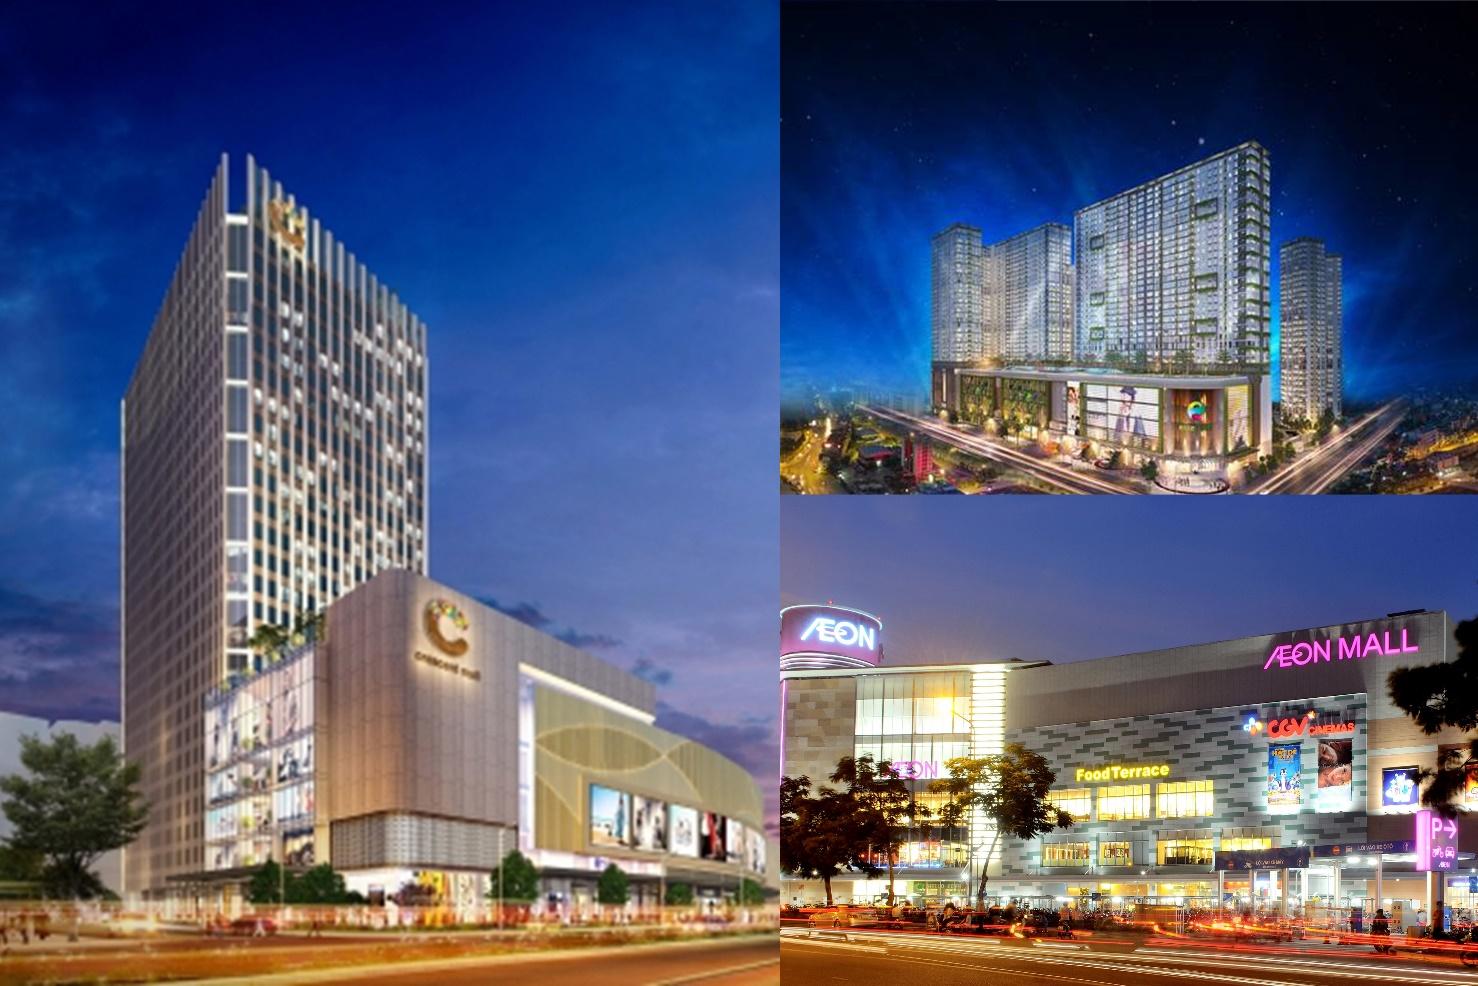 Thị trường mặt bằng bán lẻ TP Hồ Chí Minh: Nguồn cung ổn định, hiệu suất tăng nhẹ